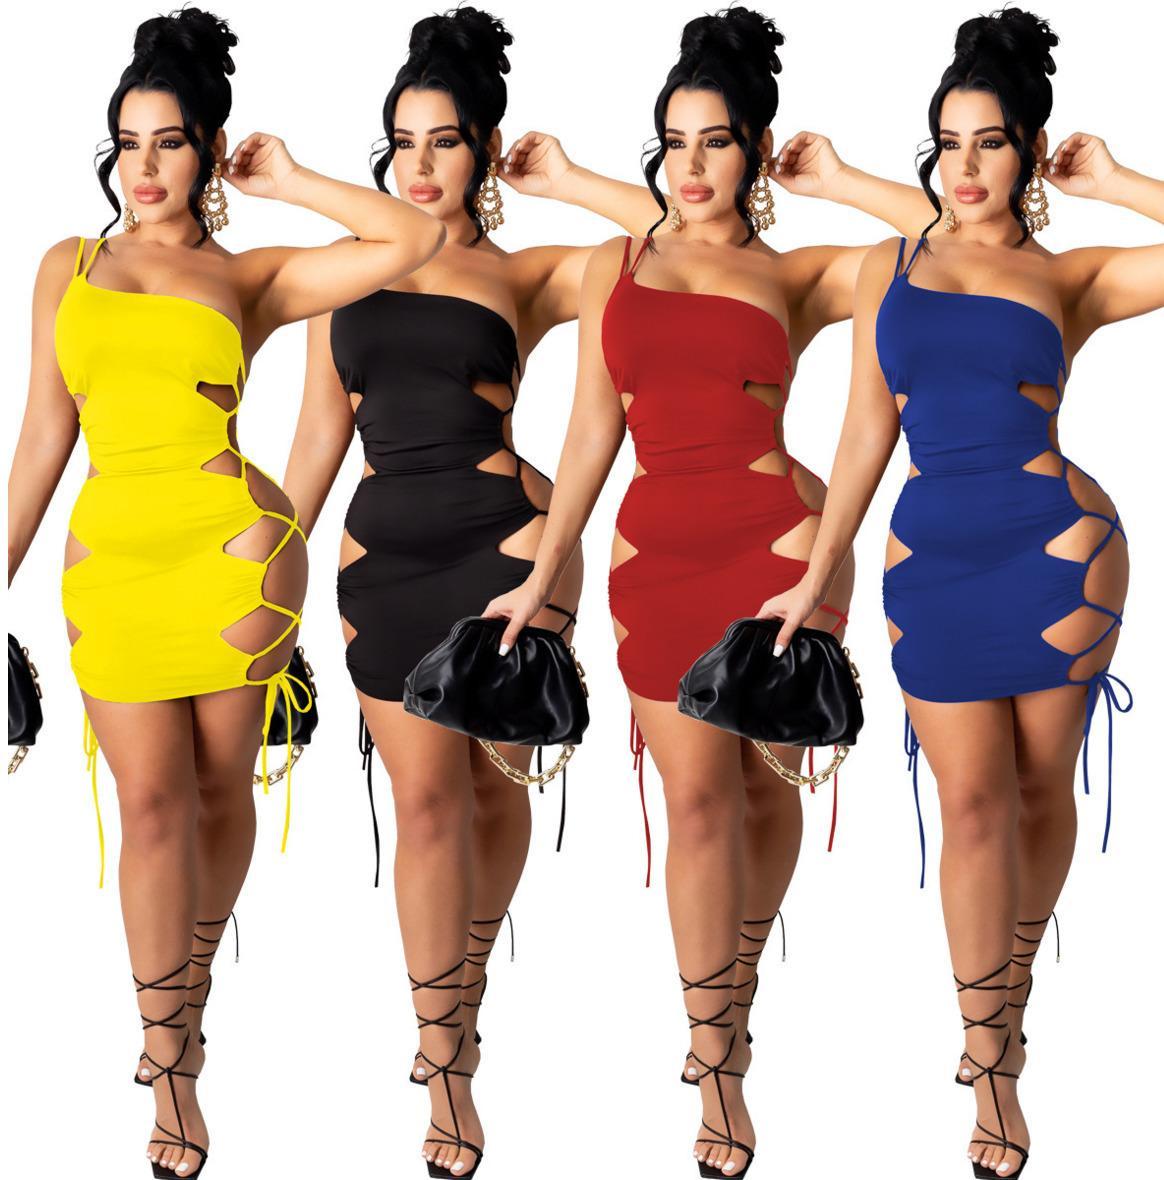 Mulheres Mulheres Sexy Vestidos Moda Sexy Temperamento Uma alça de ombro Cor Sólida Coro oco vestido plus tamanho T342